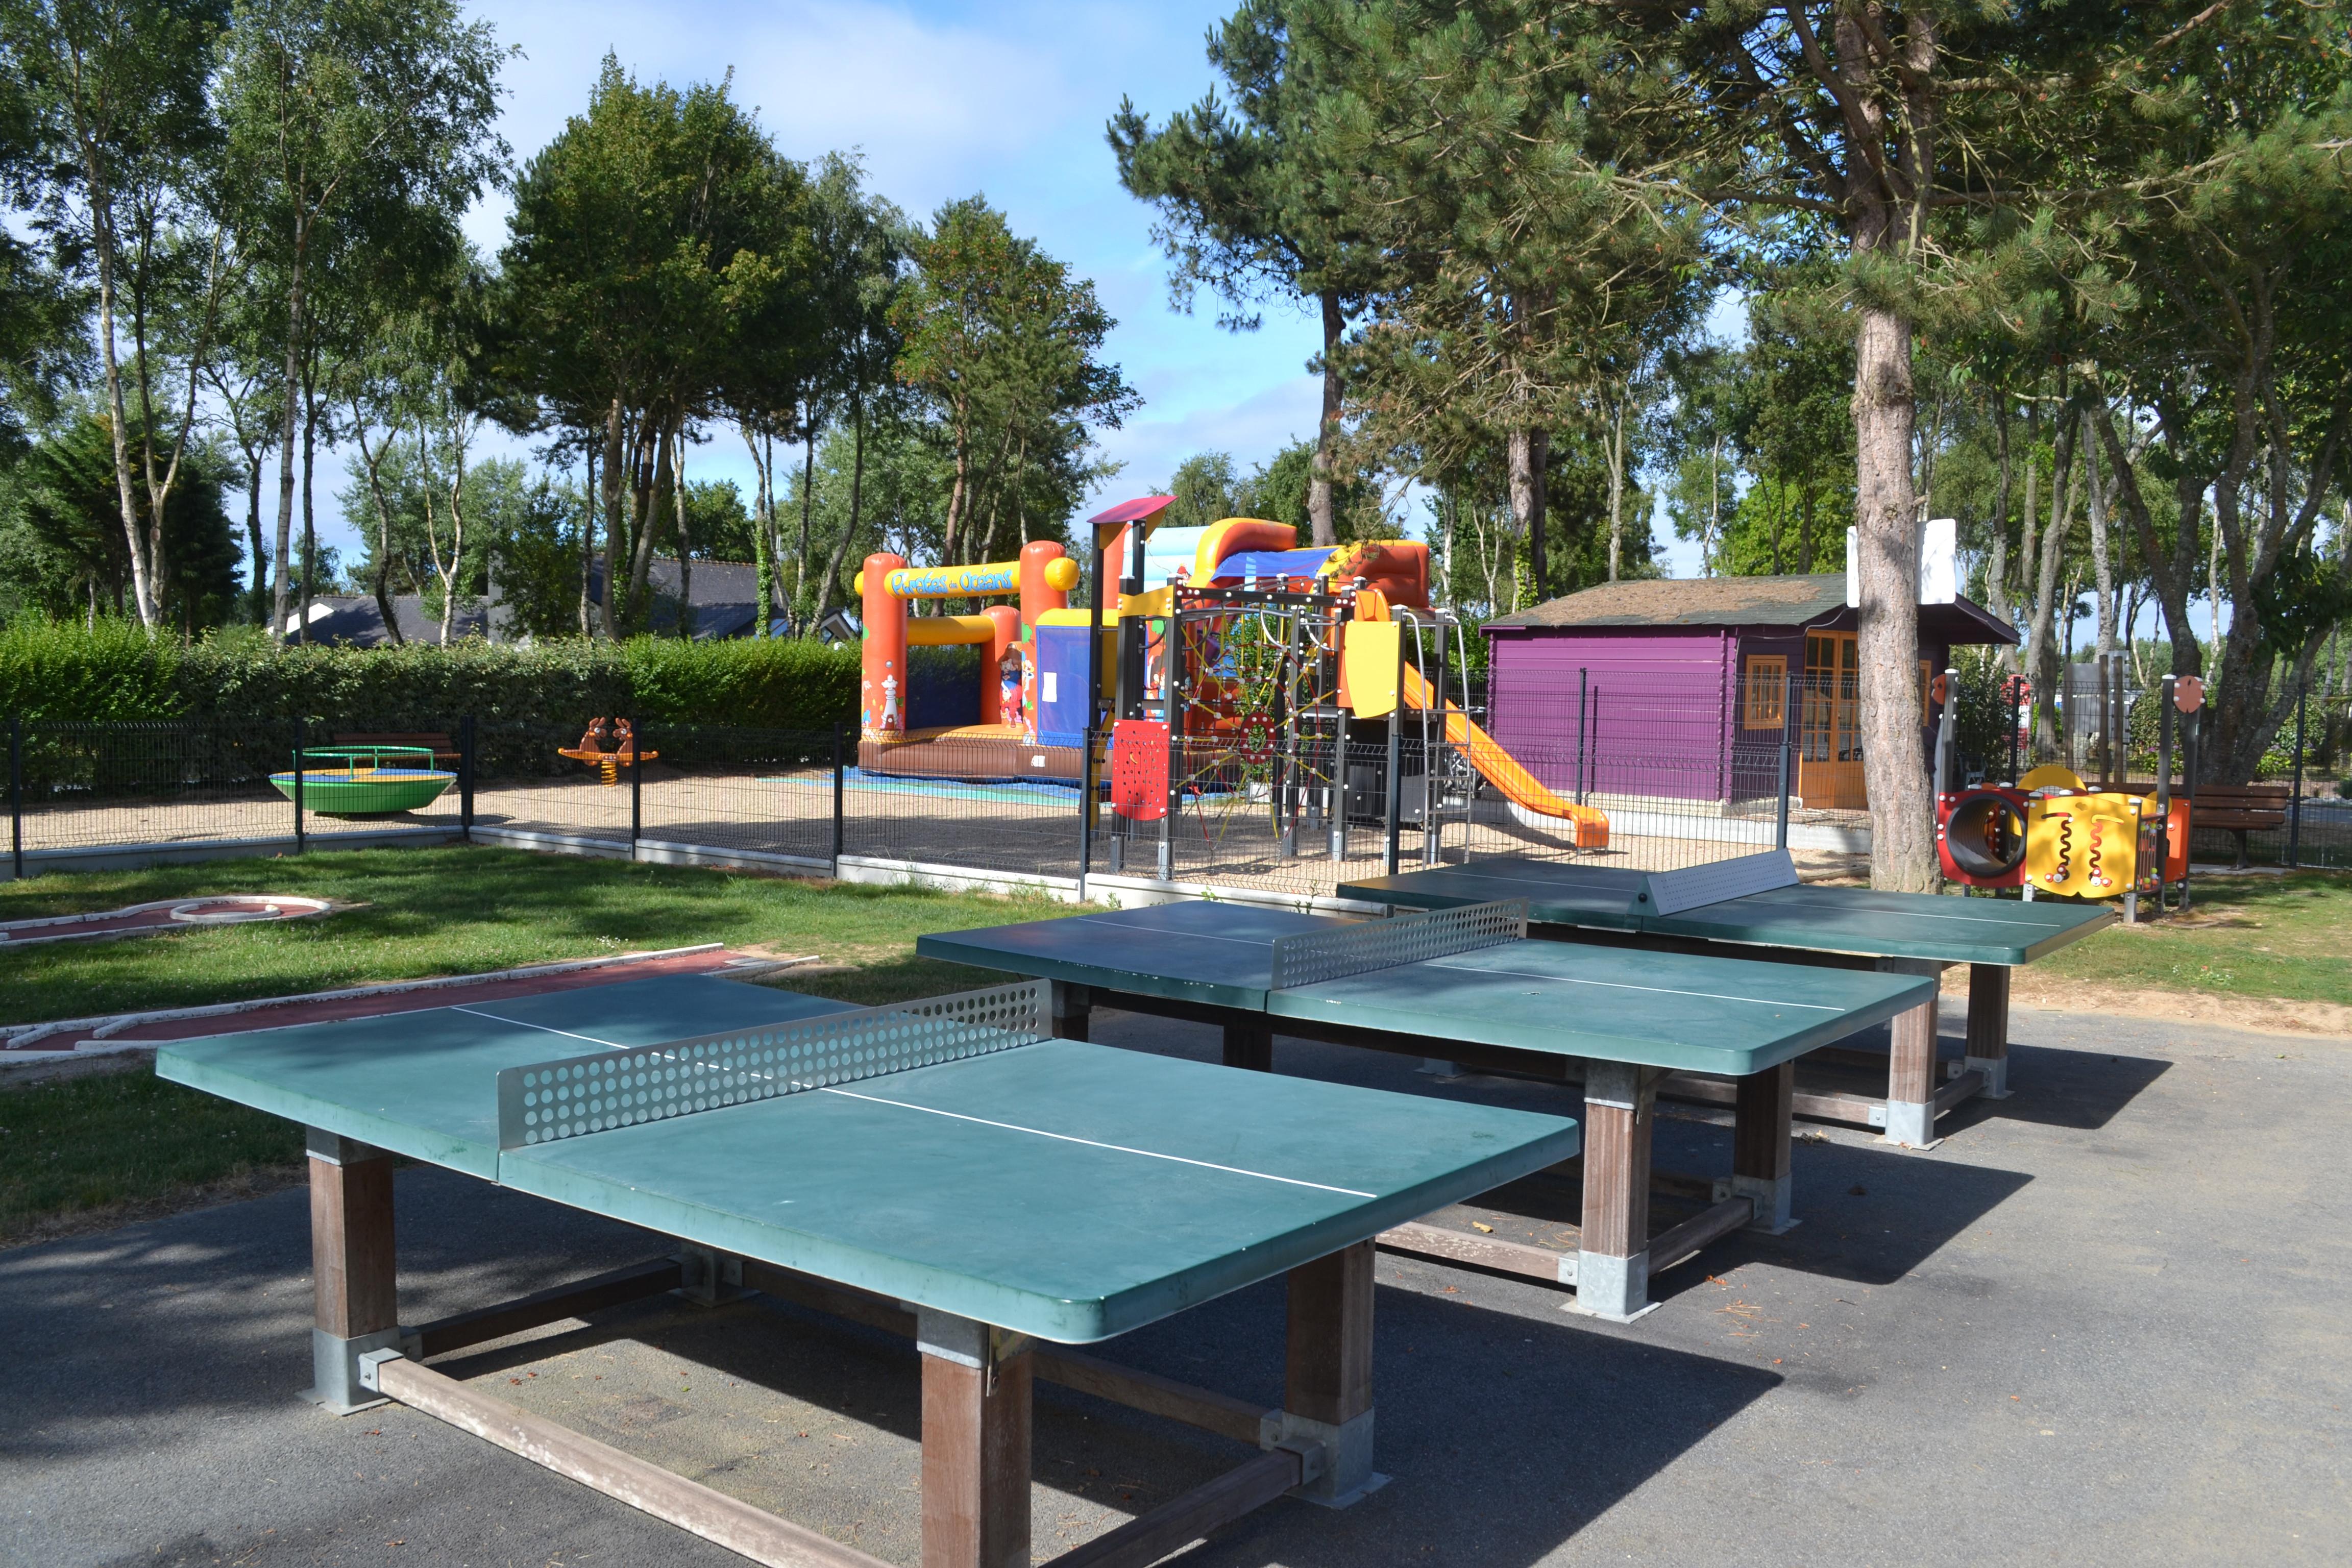 Camping Jardin De Kergal Frais Galerie Aire De Jeux Jardin Great Grand Parc Jardin Aire De Jeux Sentier